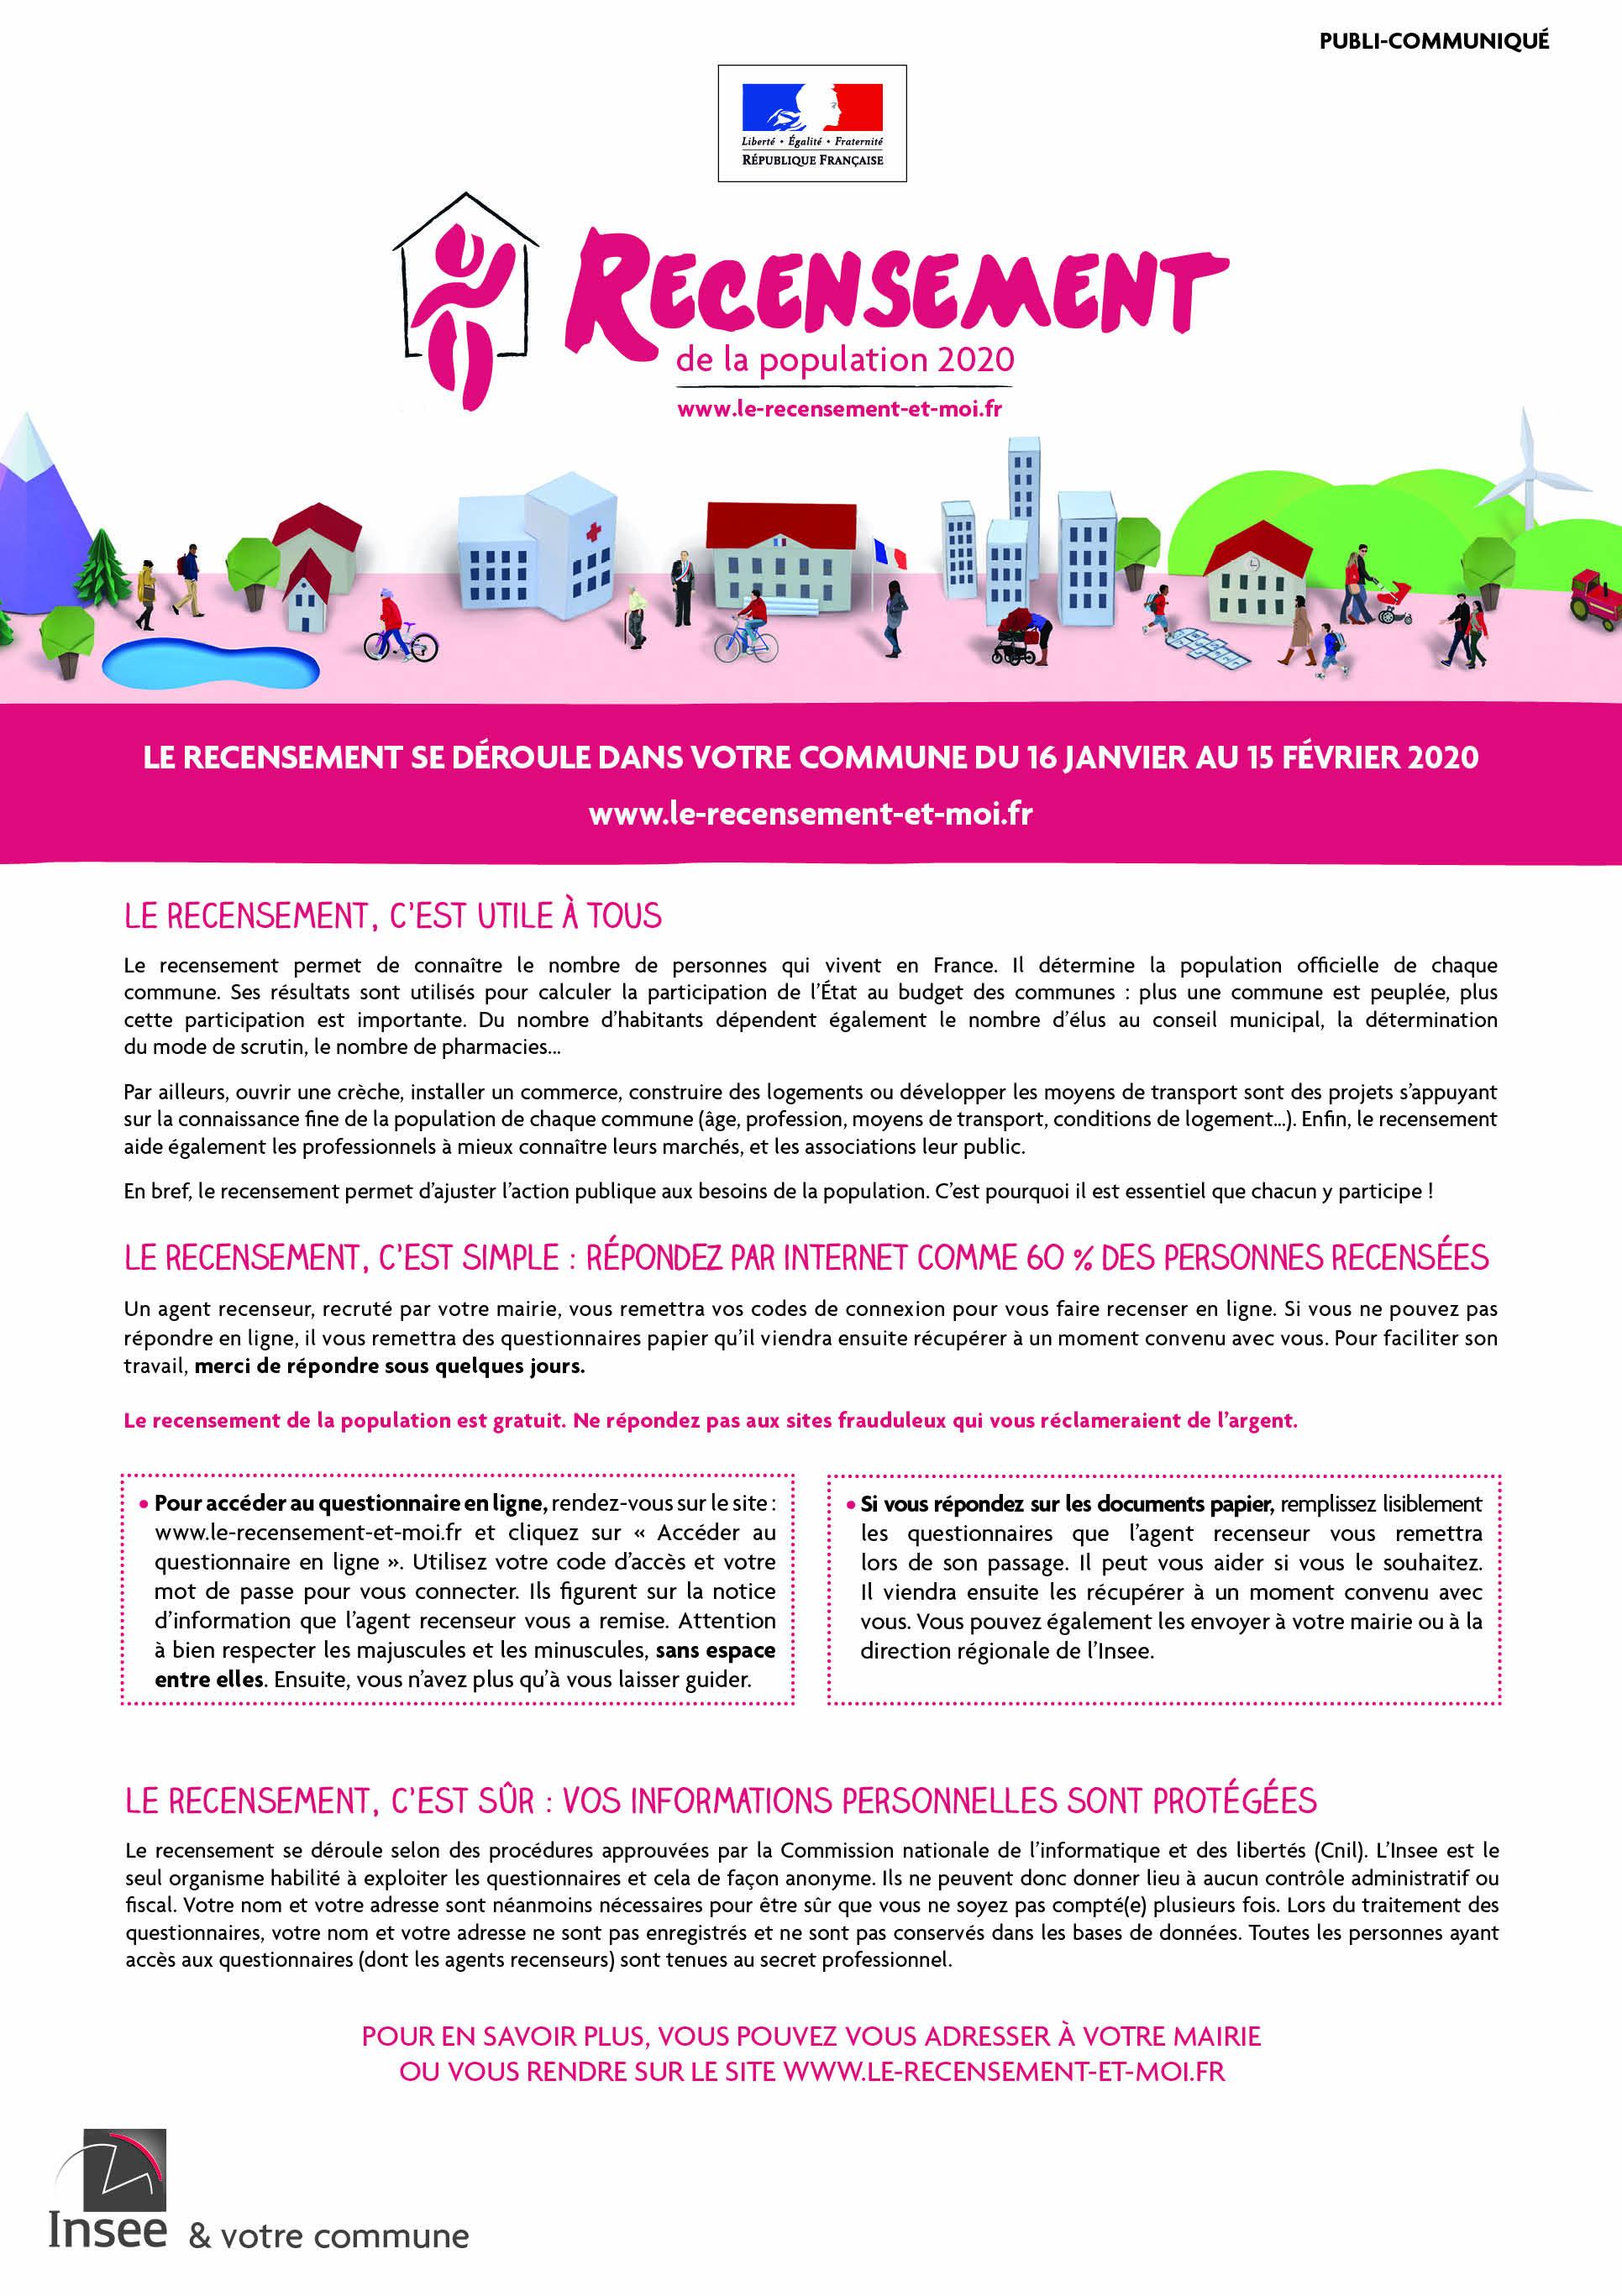 Recensement de la population de la commune du 16 janvier au 15 février 2020